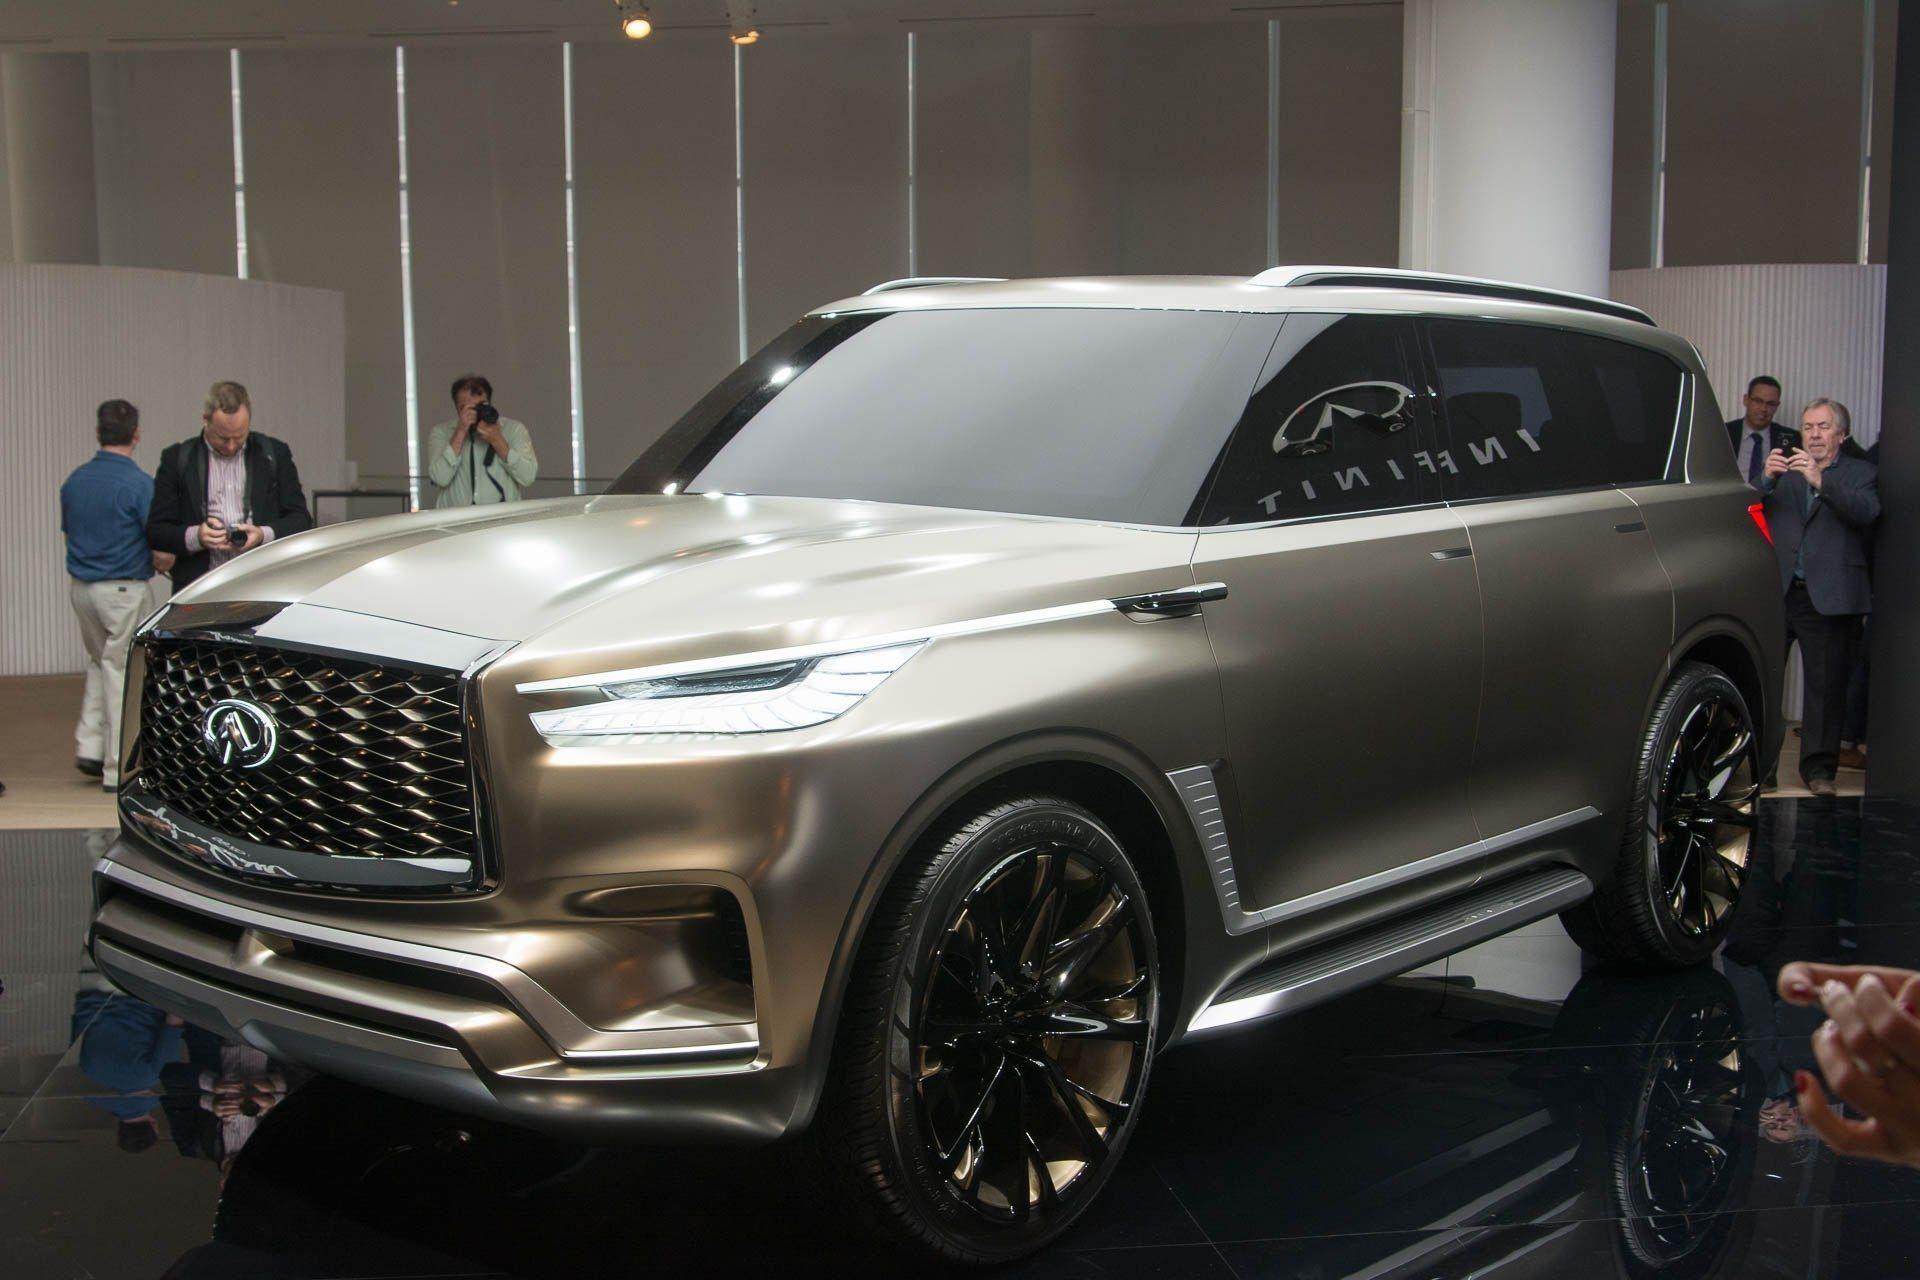 2021 Infiniti Qx60 in 2020 Luxury suv, New infiniti